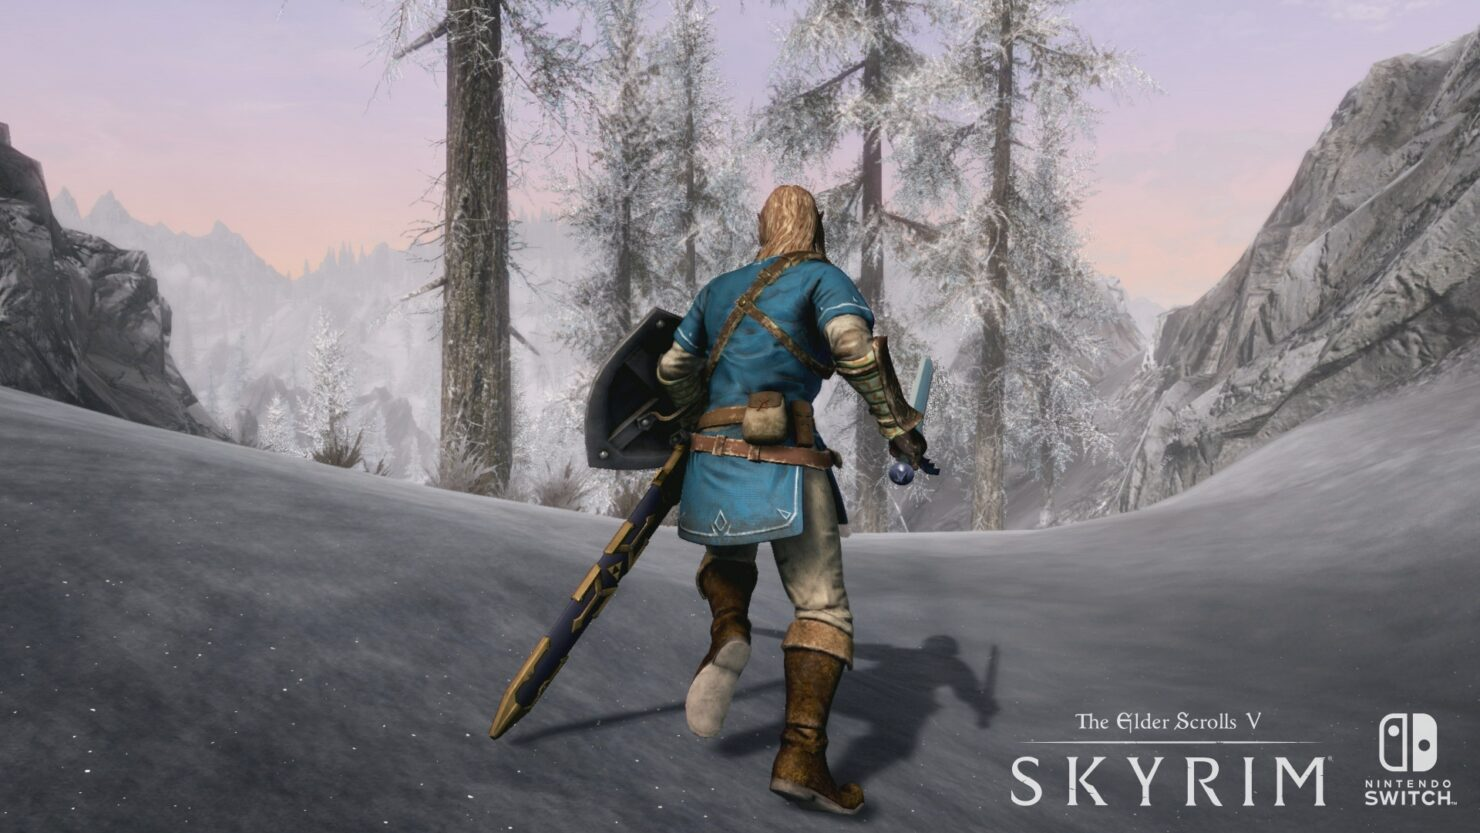 skyrim switch 9